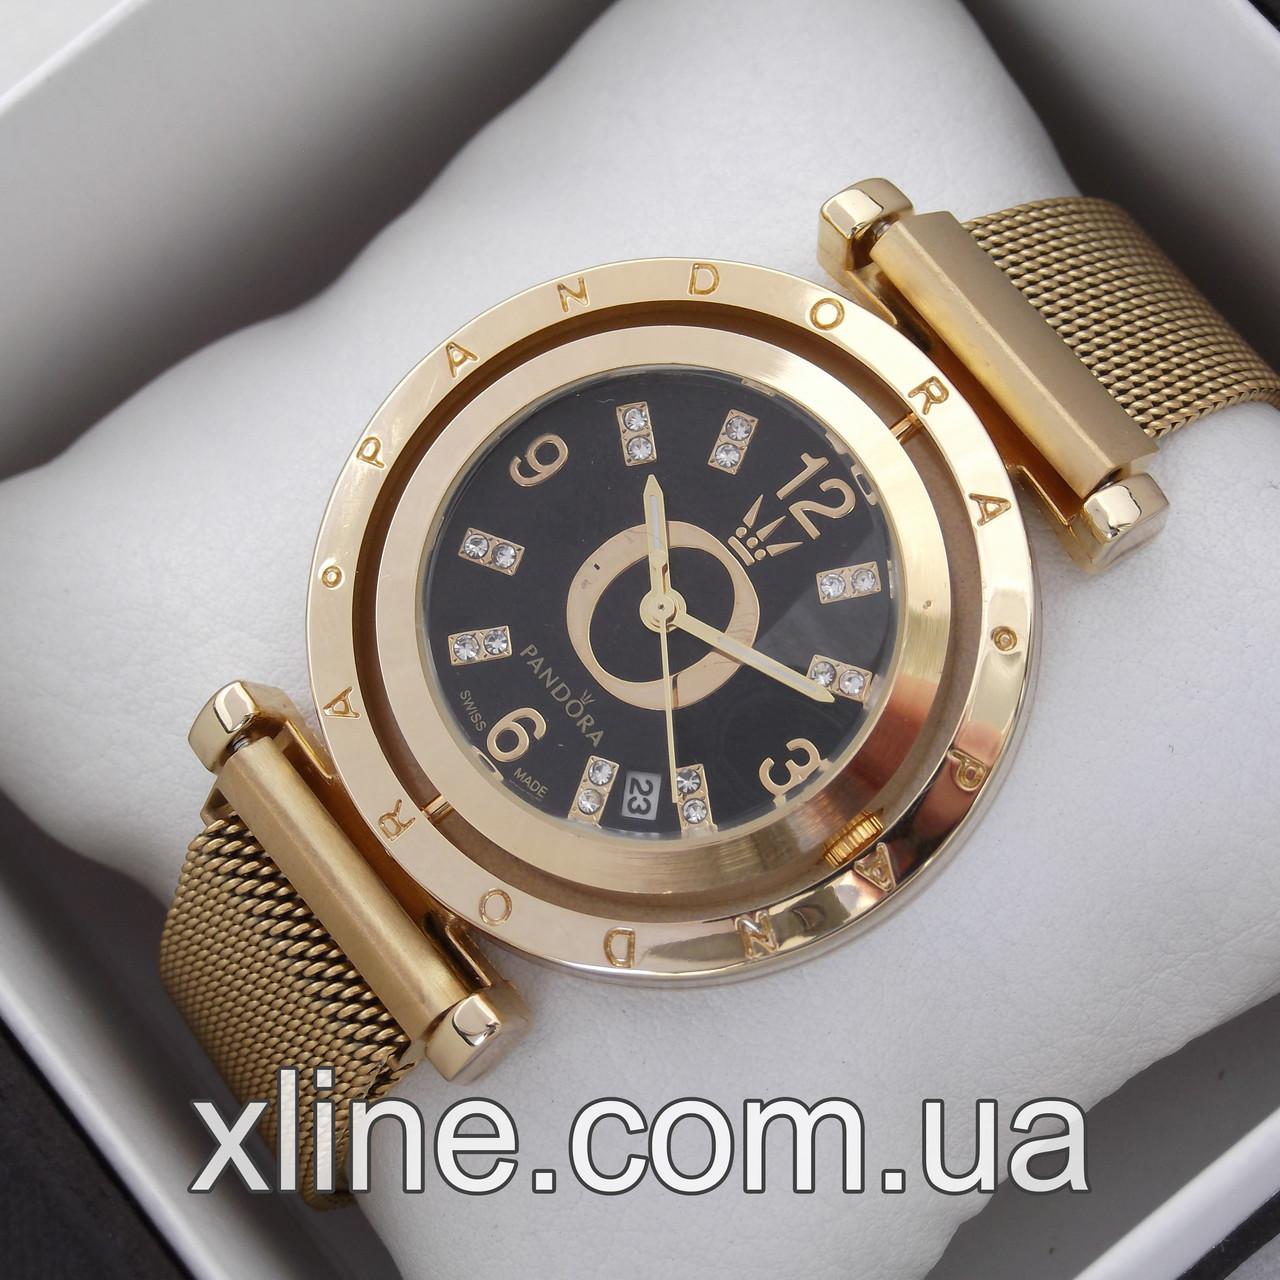 Жіночі наручні годинники Pandora A187 на металевому браслеті